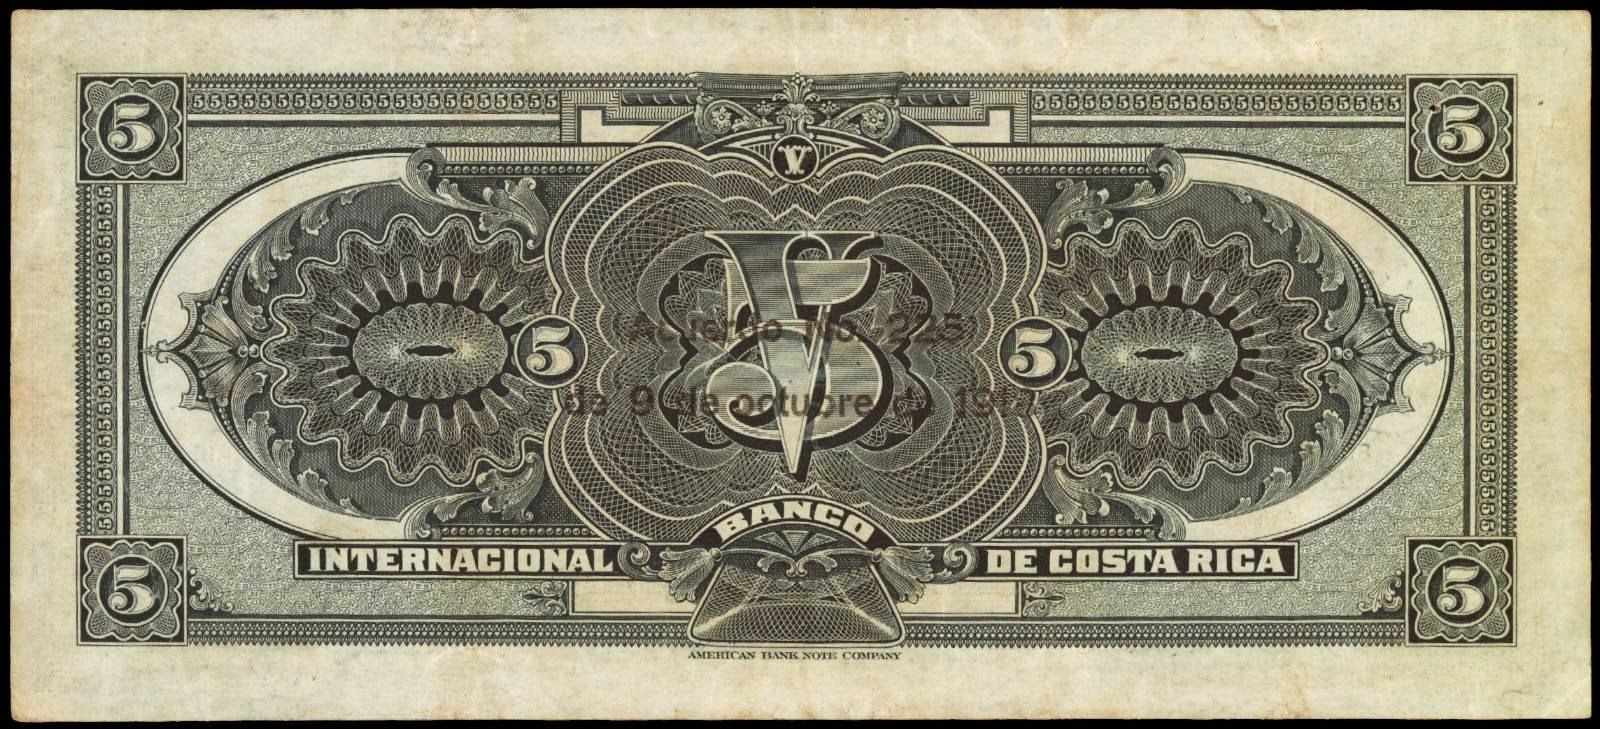 Costa Rica 5 Colones banknote 1918 Banco Internacional de Costa Rica